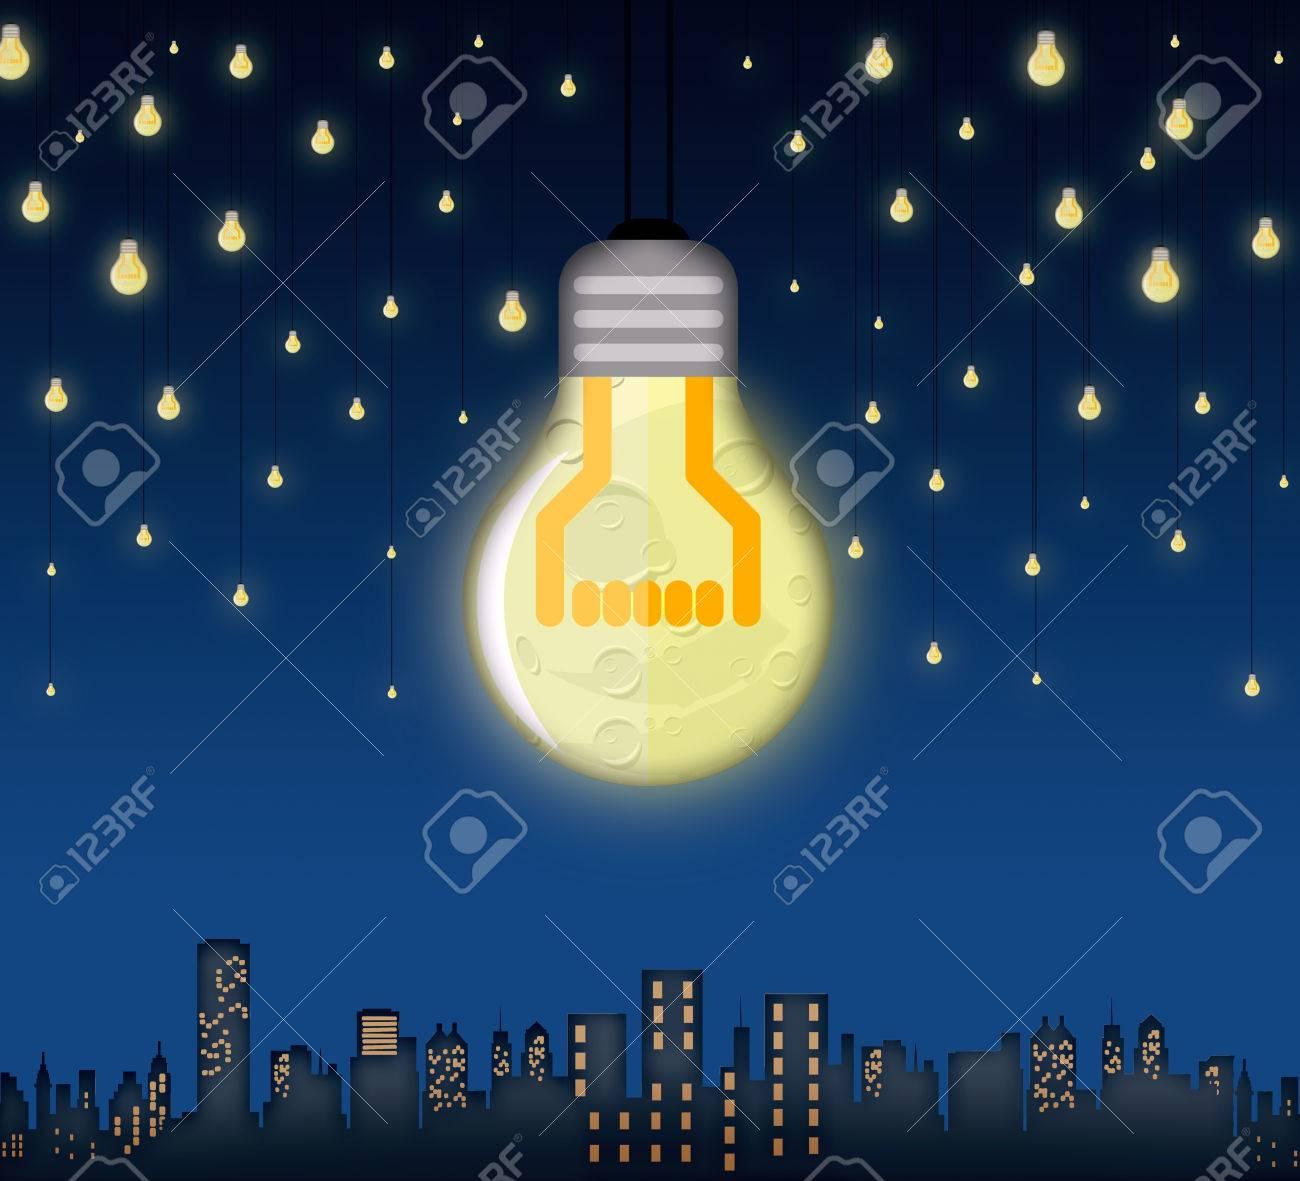 Foto Di Luna E Stelle.Illustrazione Della Luna E Stelle In Forma Di Lampadine Su Una Citta Sfondo Surreale Concetto Di Energia Alternativa